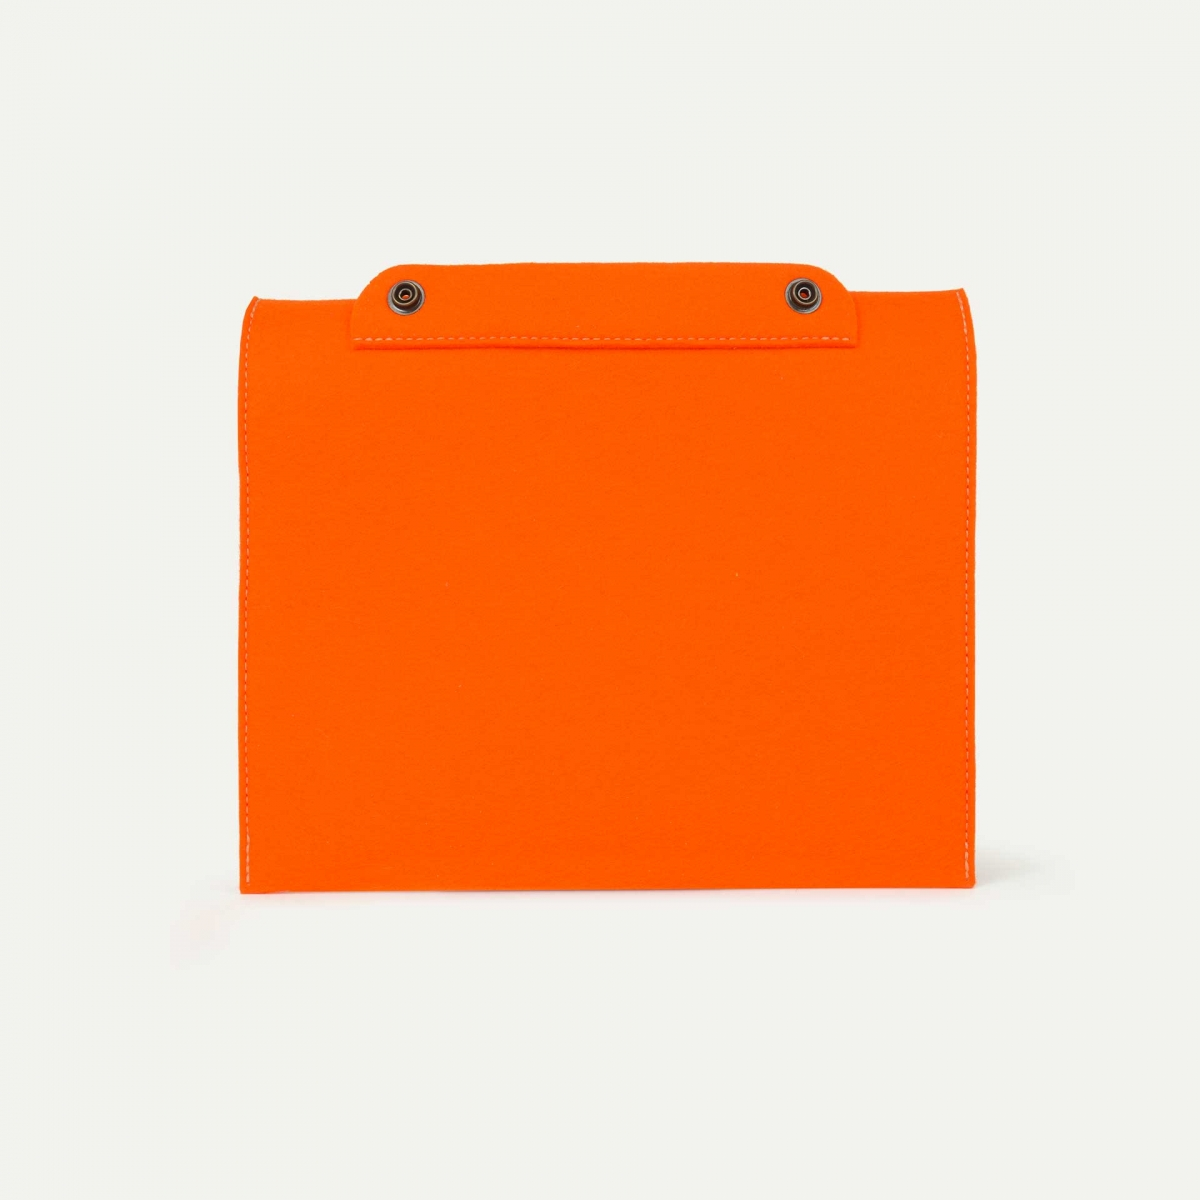 Miky iPad sleeve - Orange Felt (image n°2)